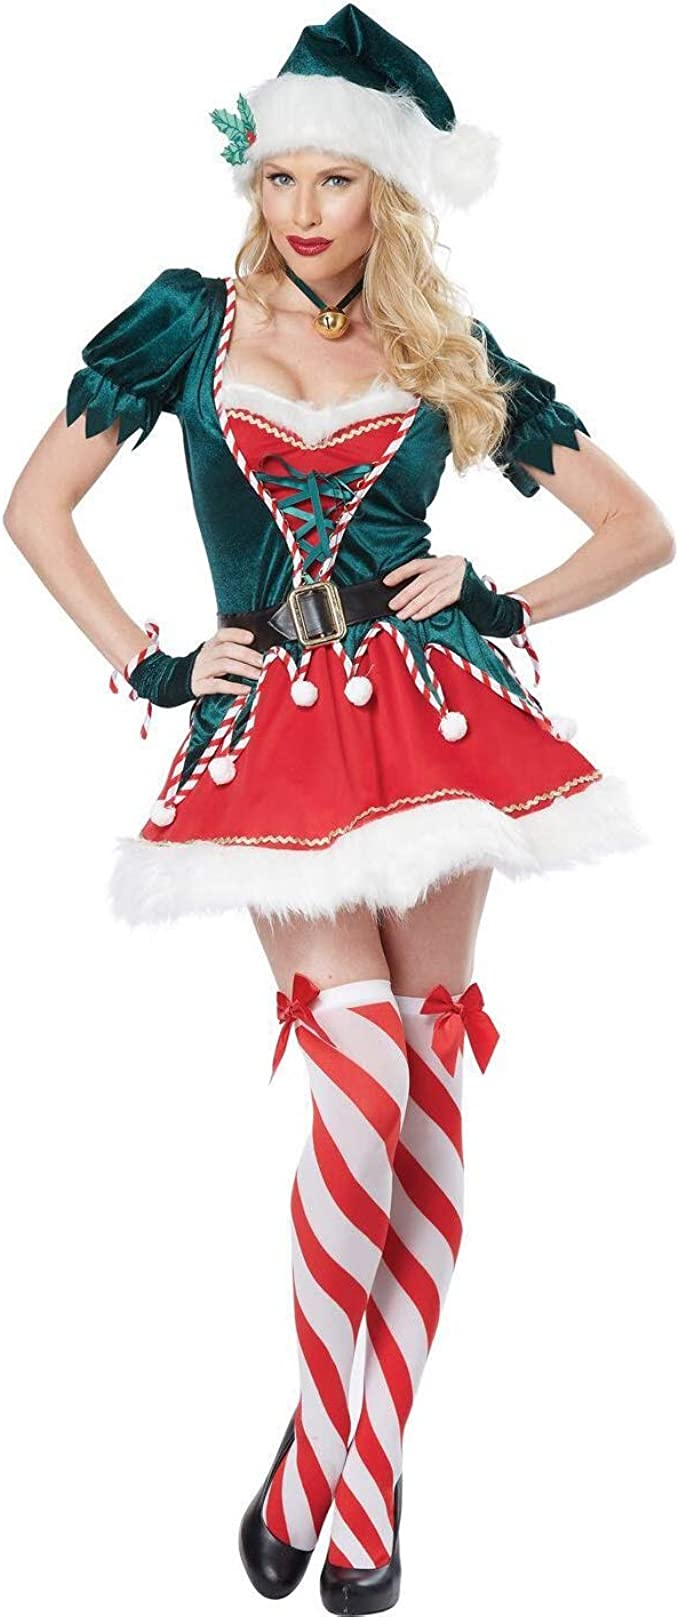 Elton Disfraz de Duende navideño para Mujer Vestido de Duende ...